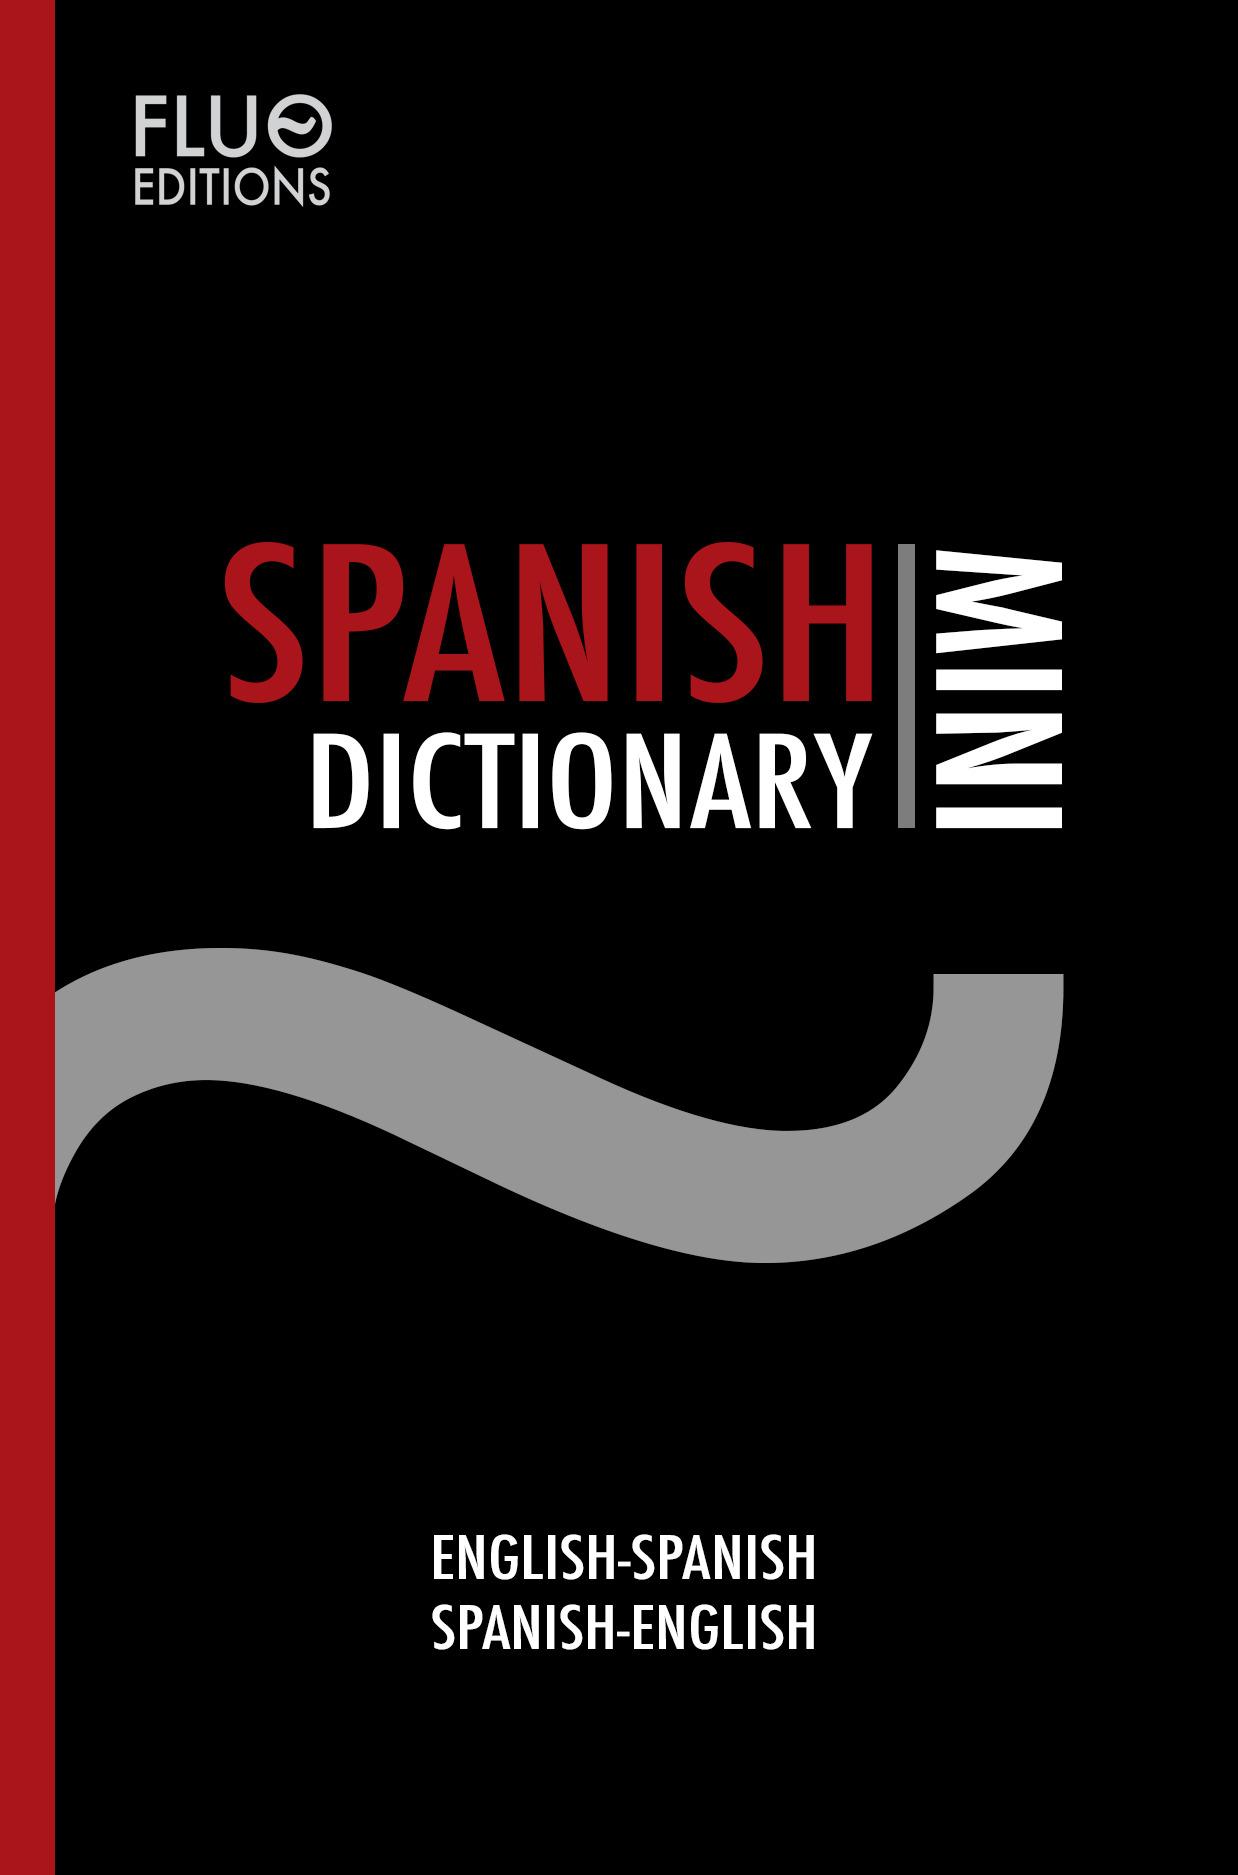 Spanish Mini Dictionary, an Ebook by drkameleon